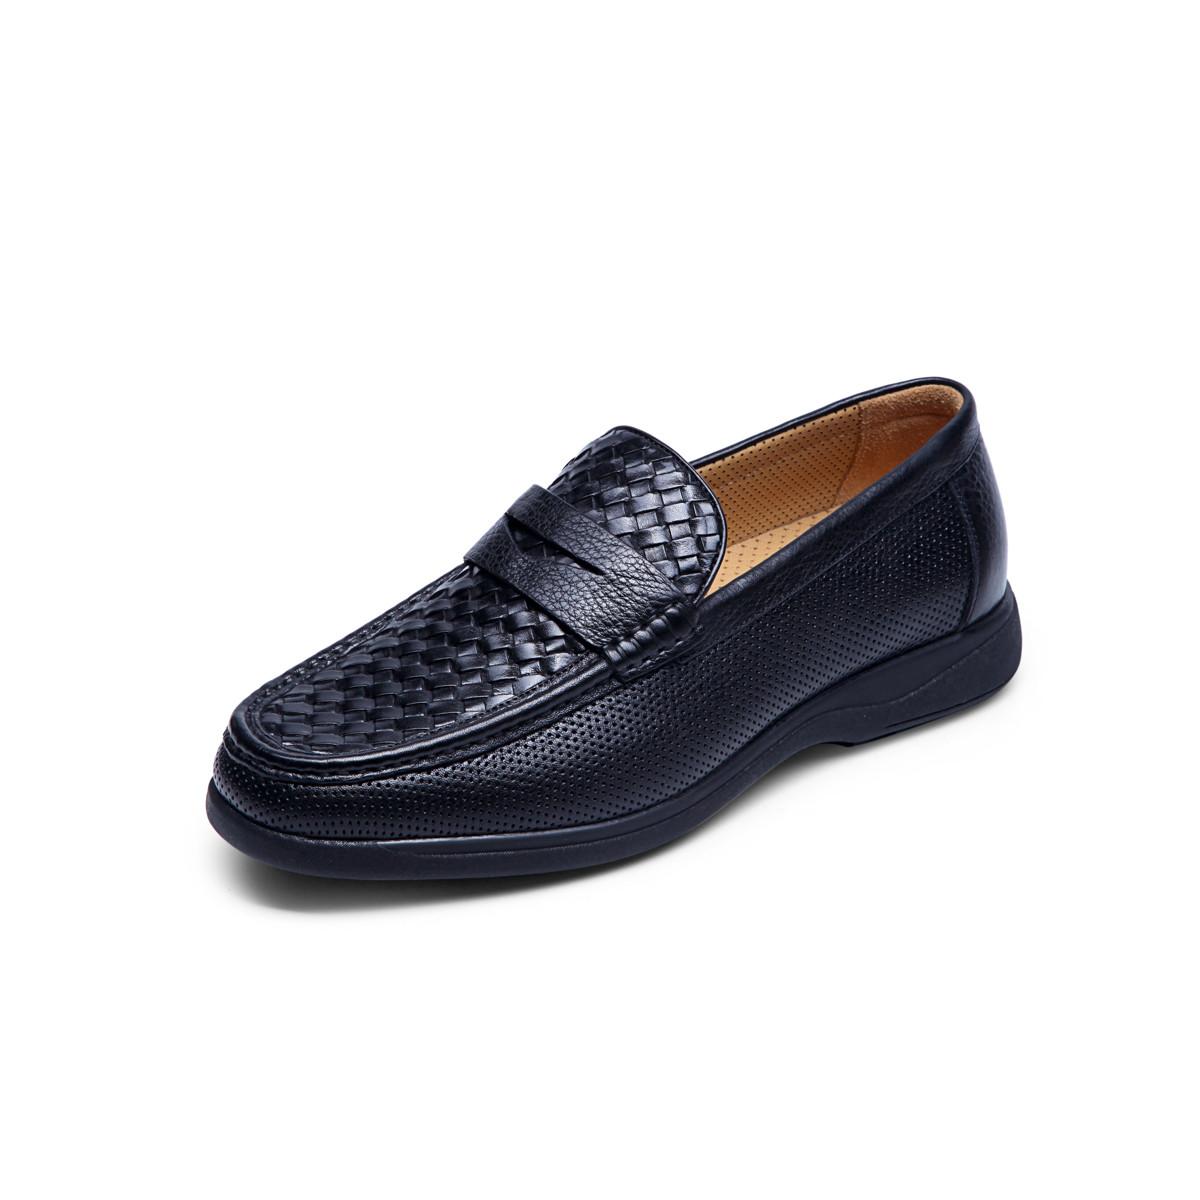 巴路士巴路士透气懒人鞋防滑驾车鞋舒适套脚鞋男士皮鞋男鞋BC41W1084K01